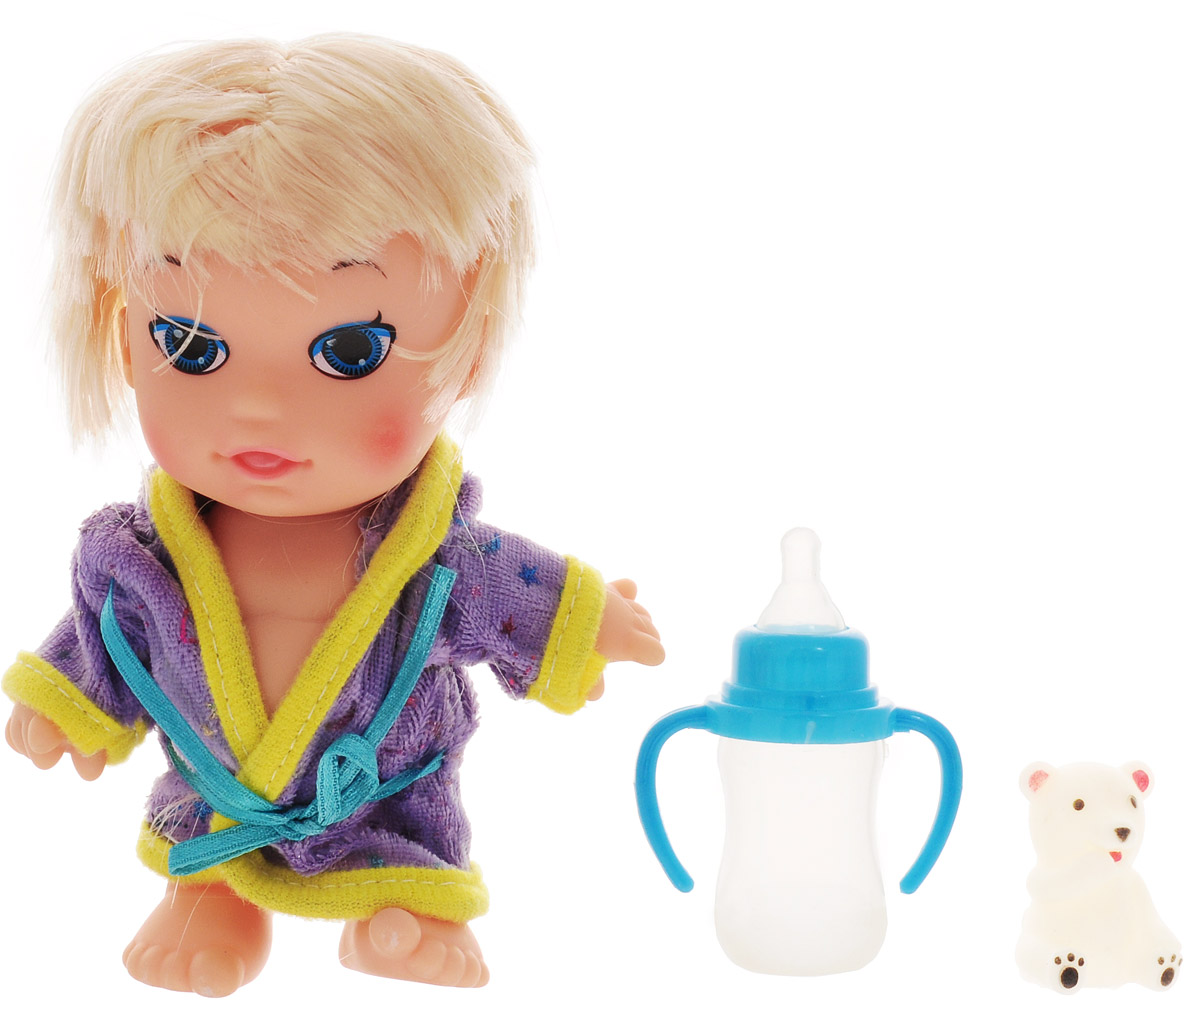 Veld-Co Пупс Малышка цвет халата сиреневый veld co игровой набор с куклой детский доктор